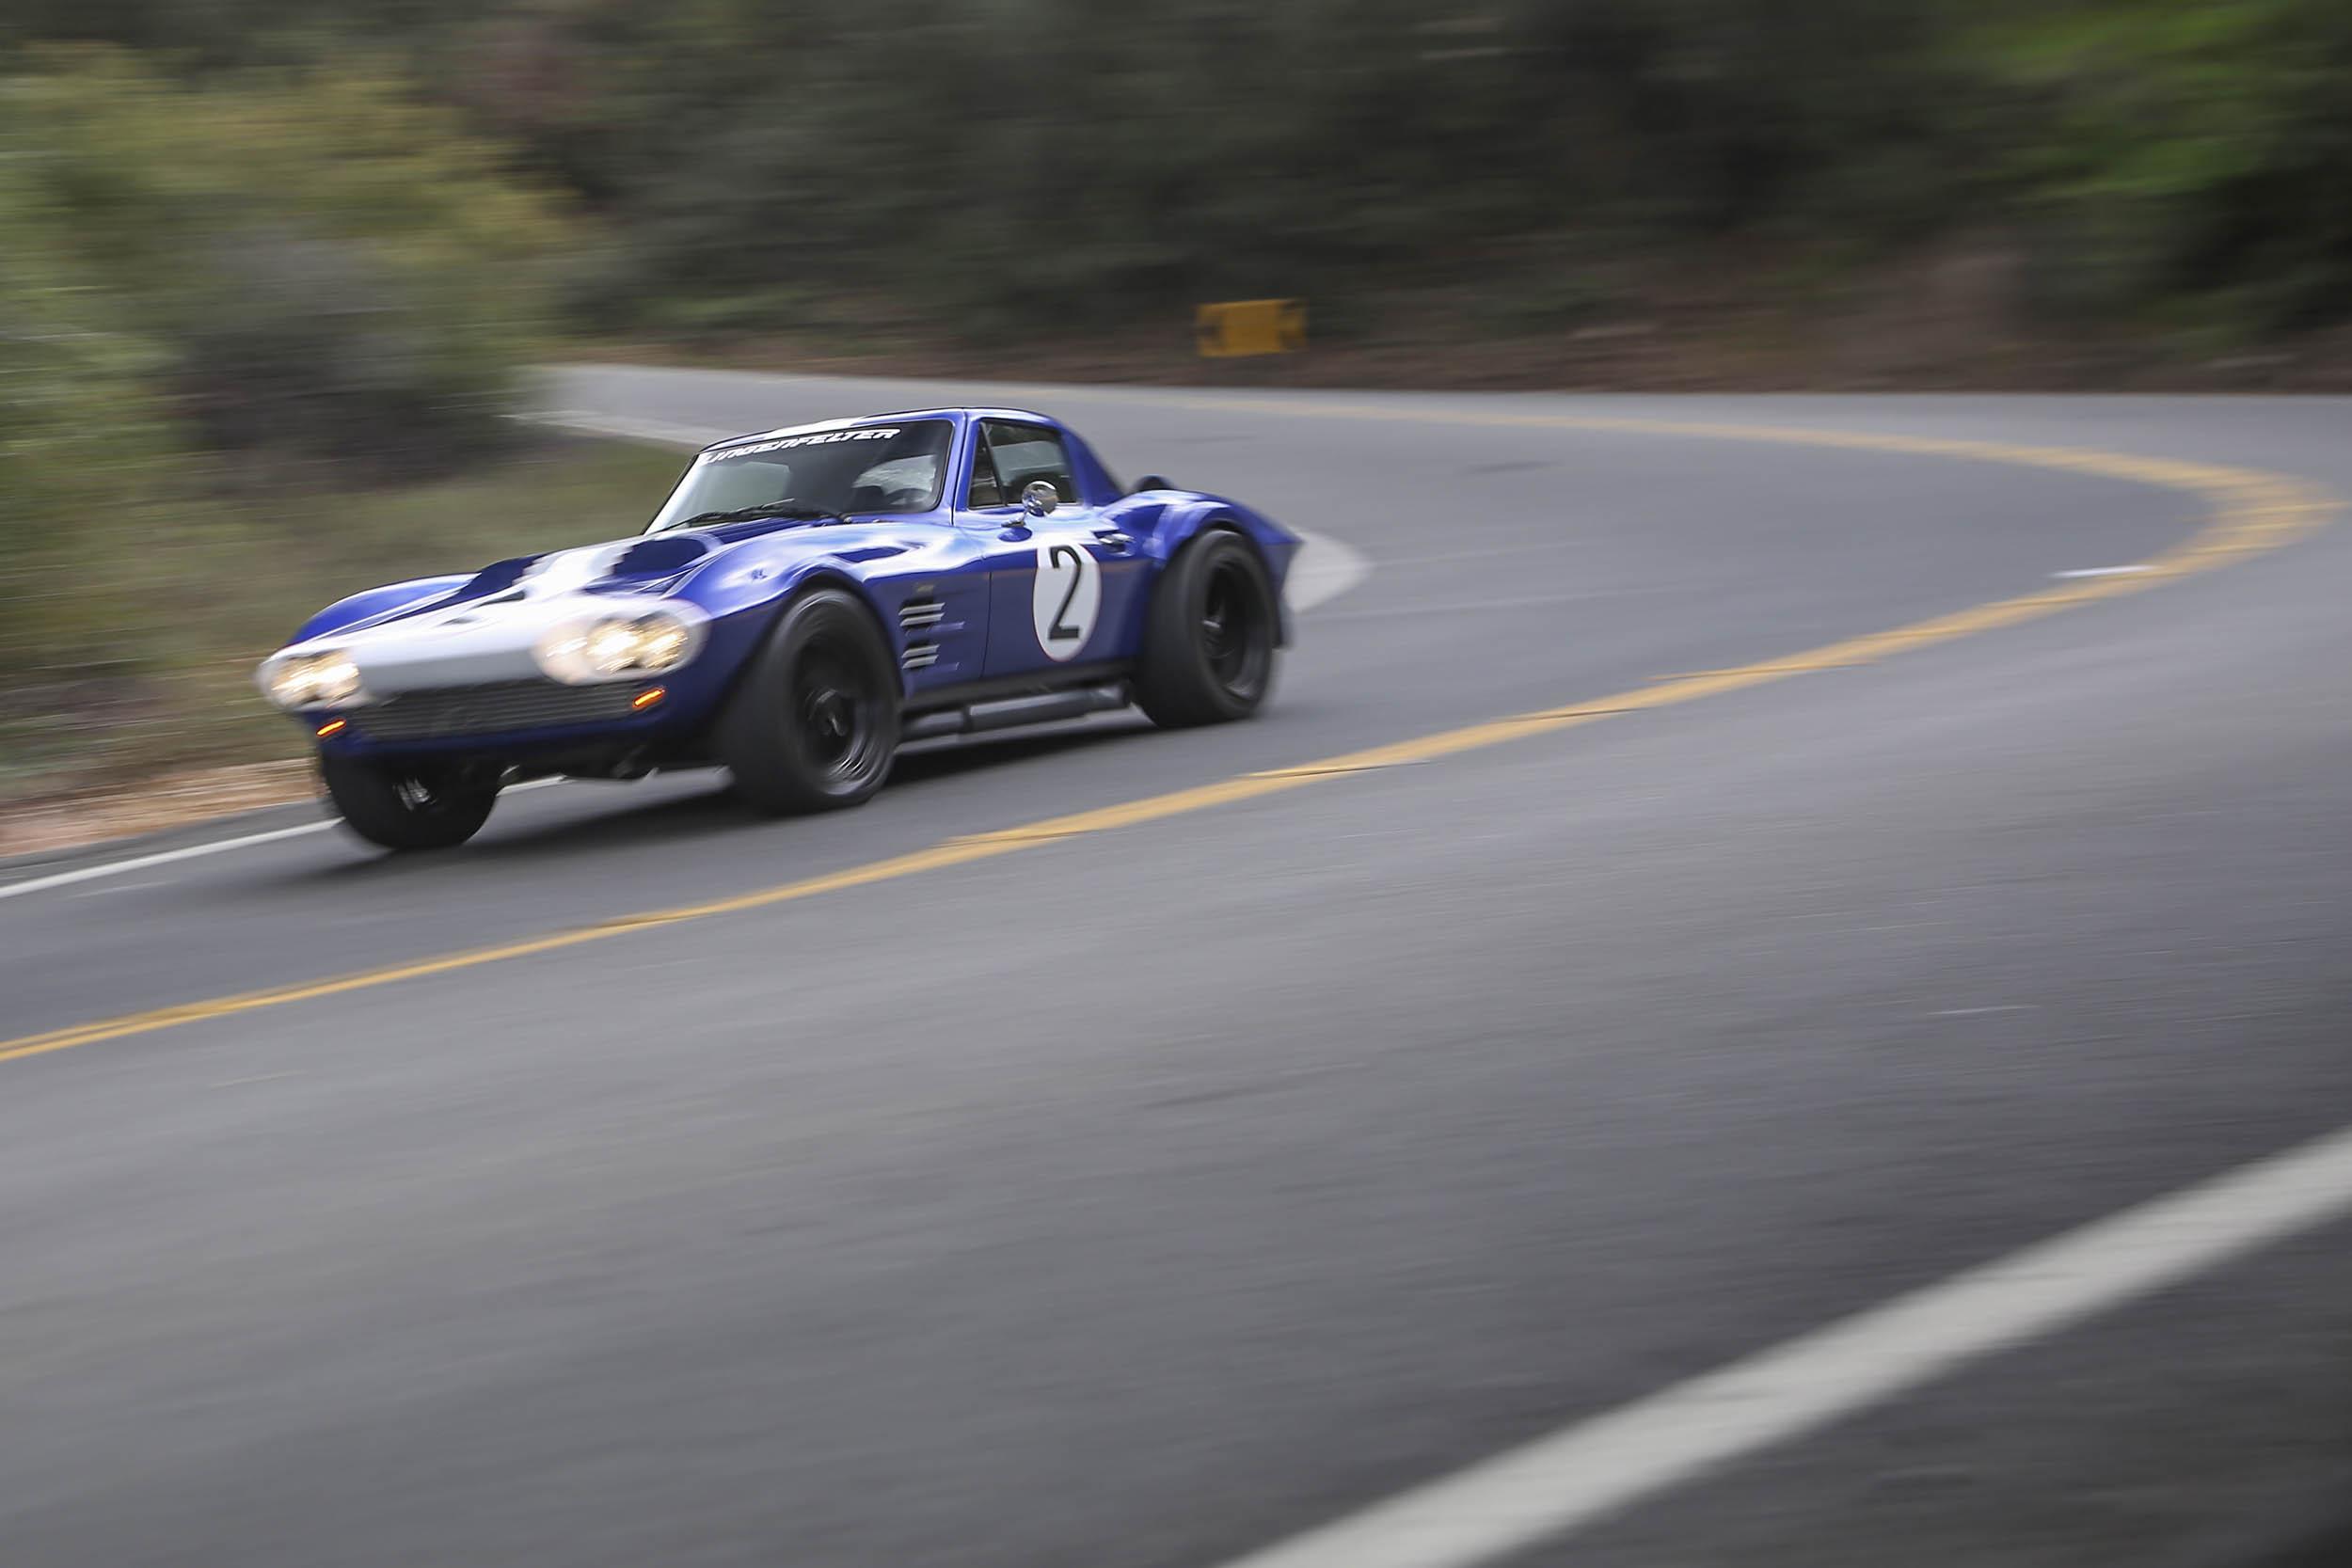 Superformance Corvette Grand Sport banking right